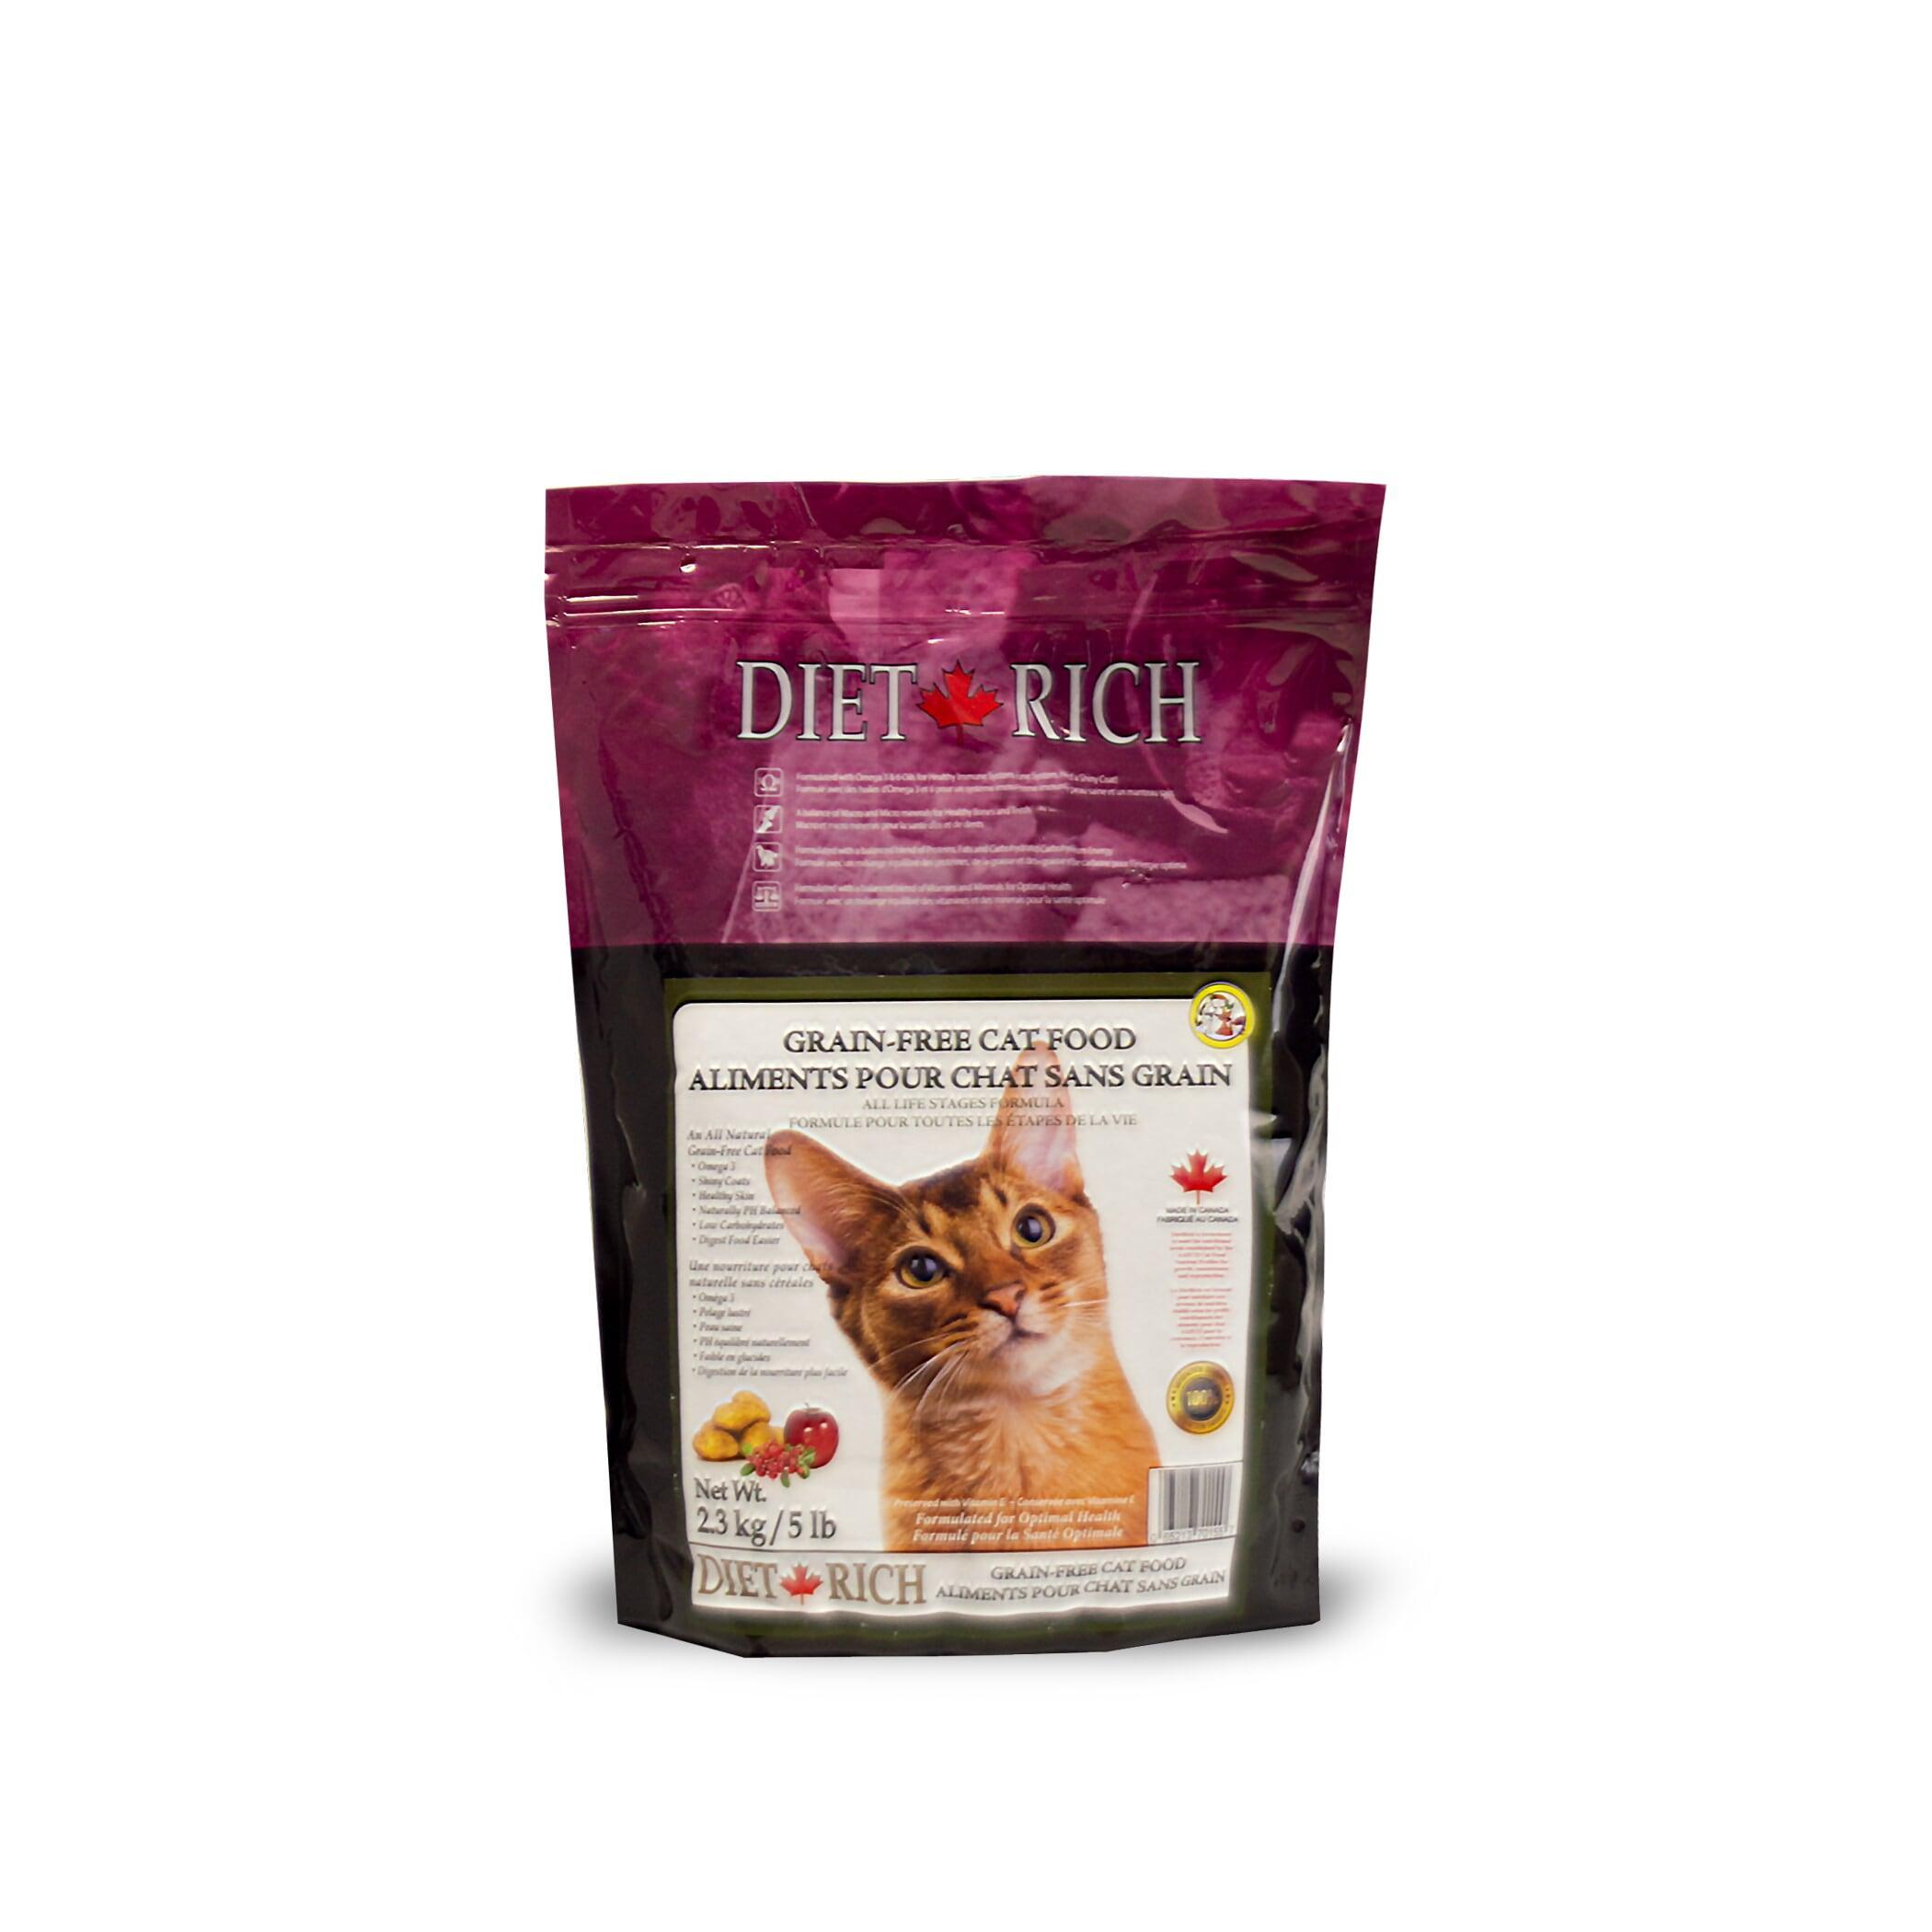 Dietrich Grain-Free Dry Cat Food, 2.3-kg